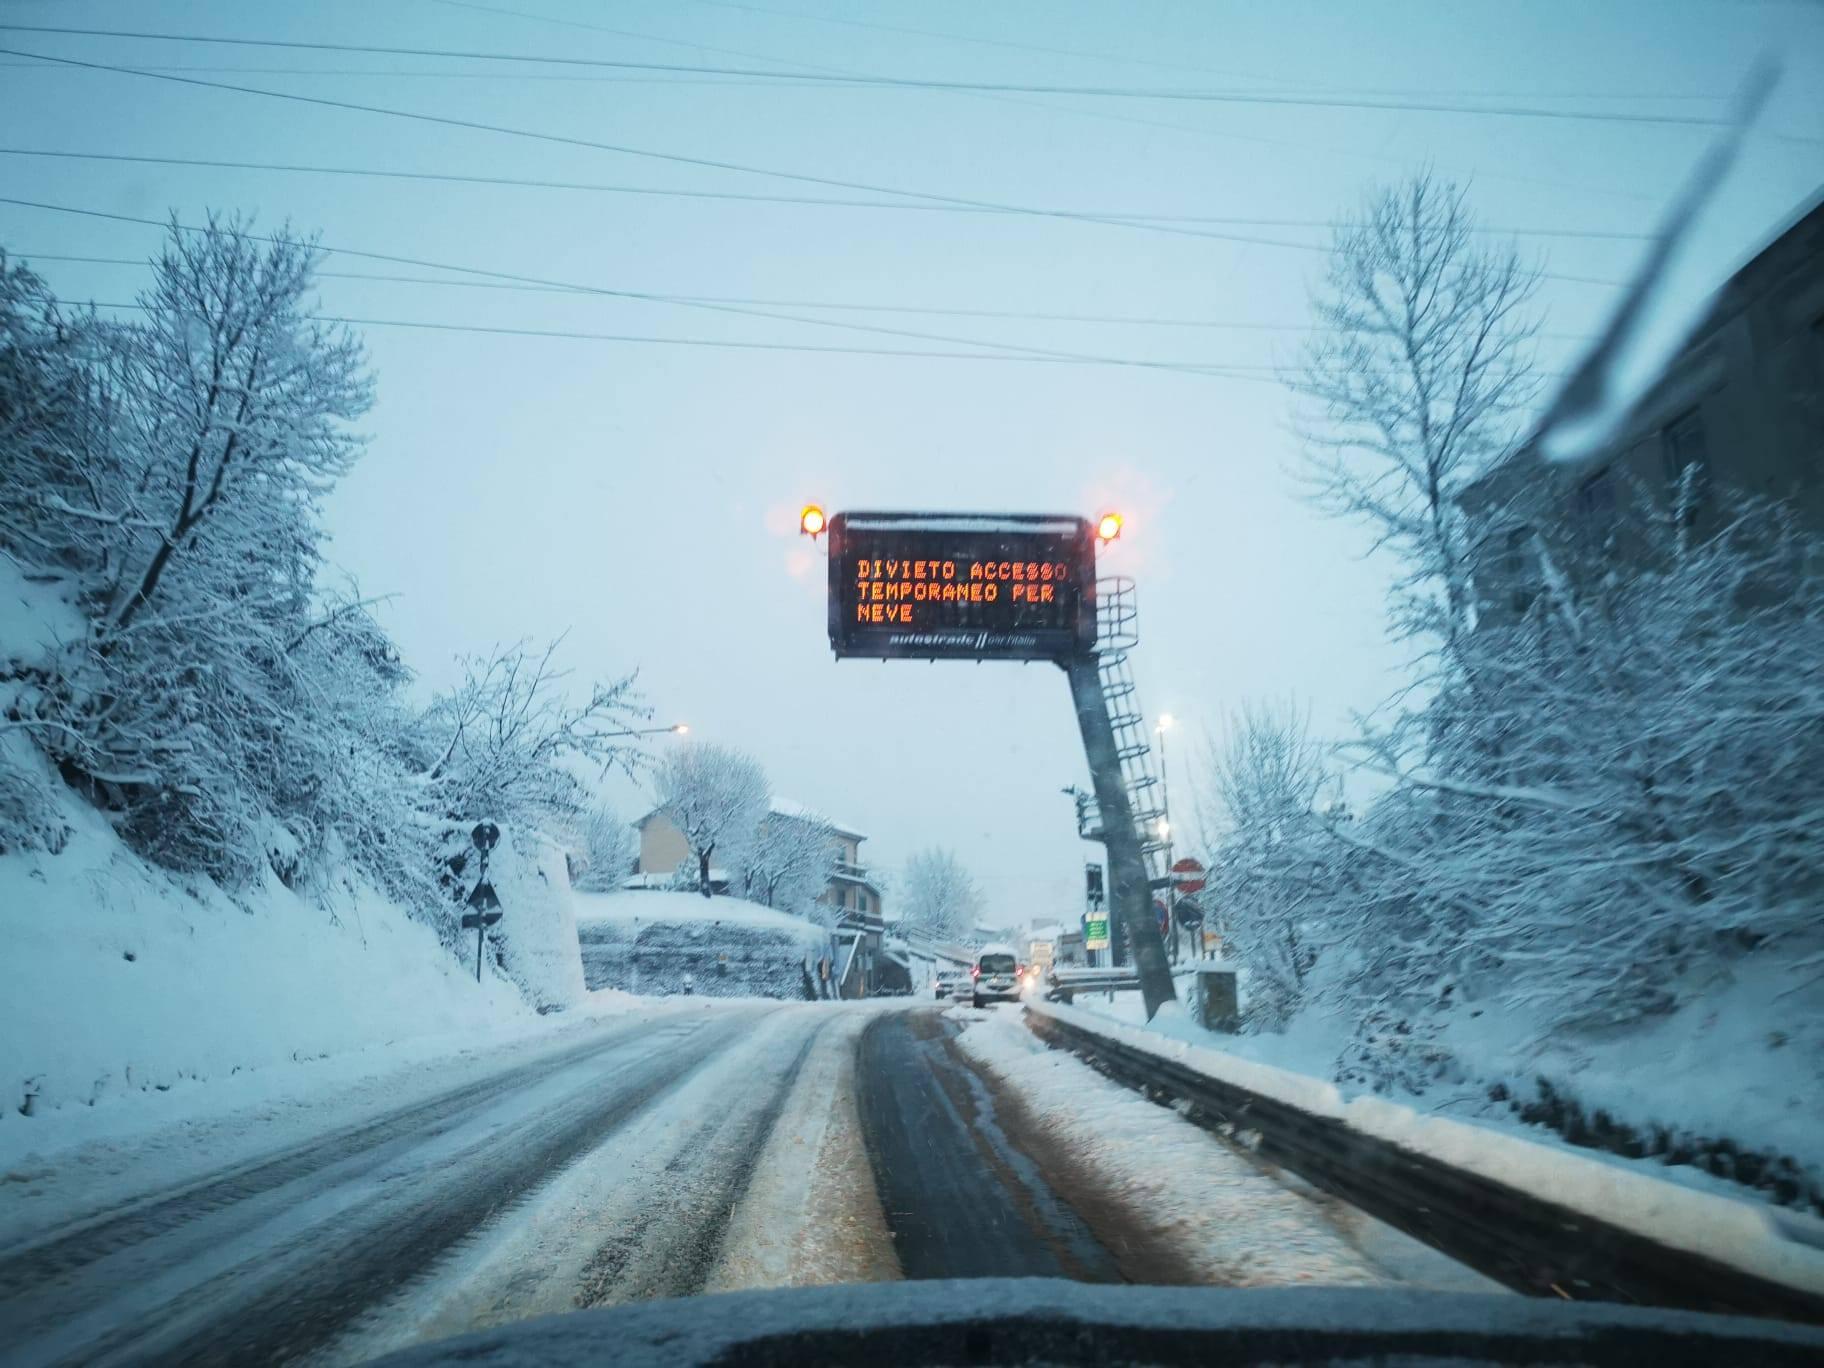 Divieto accesso temporaneo per neve